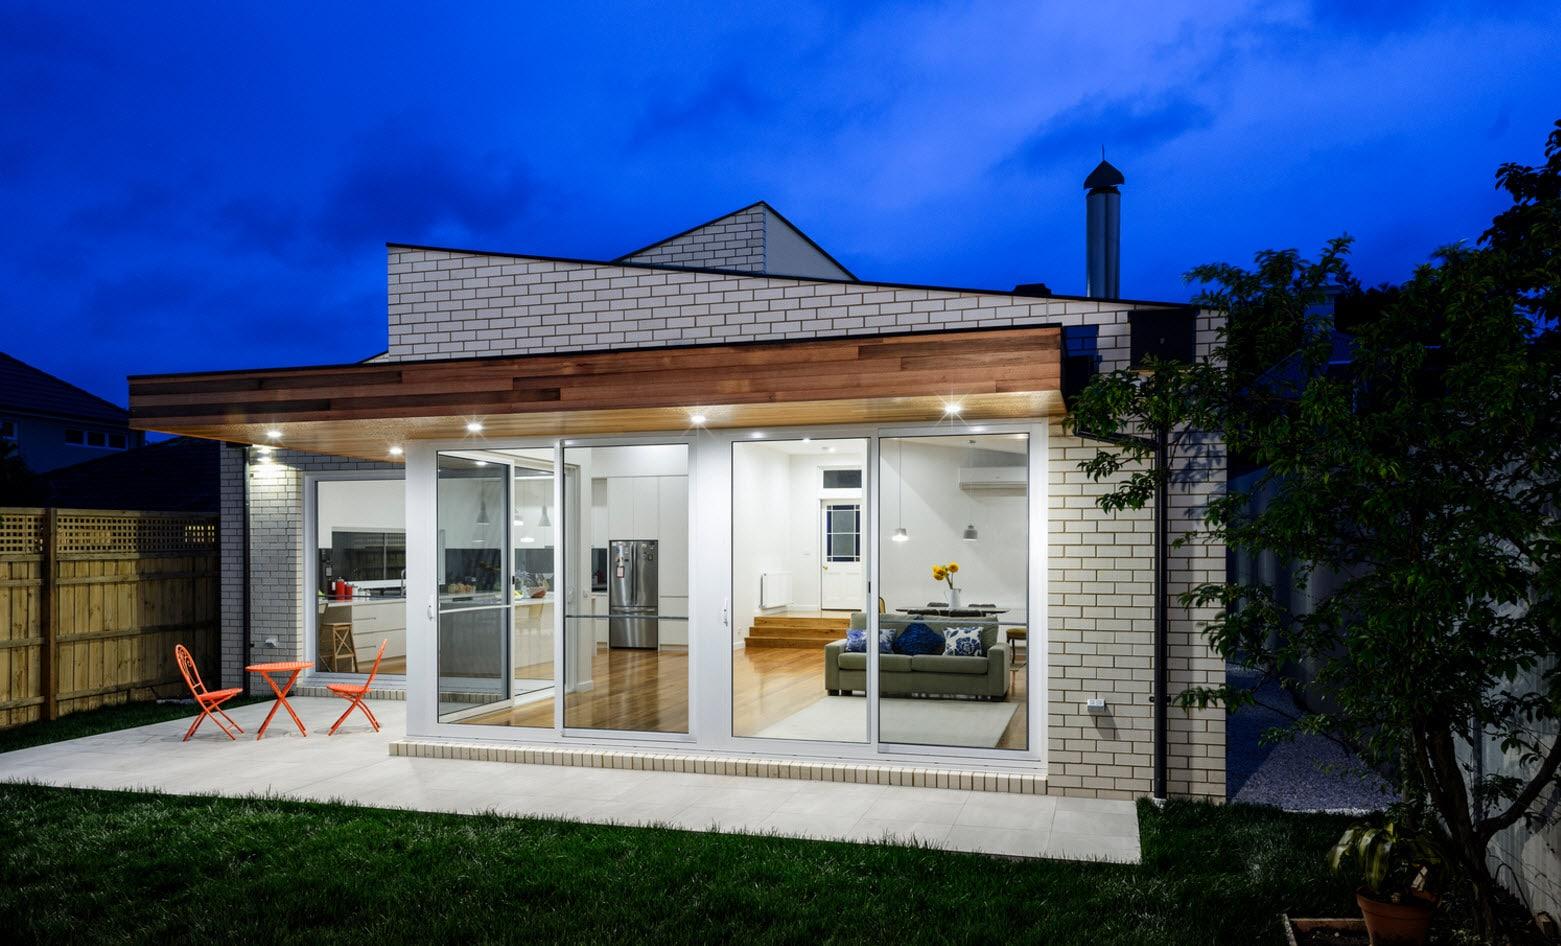 Dise o de casa moderna de un piso planos y fachadas - Planos de casas modernas de una planta ...